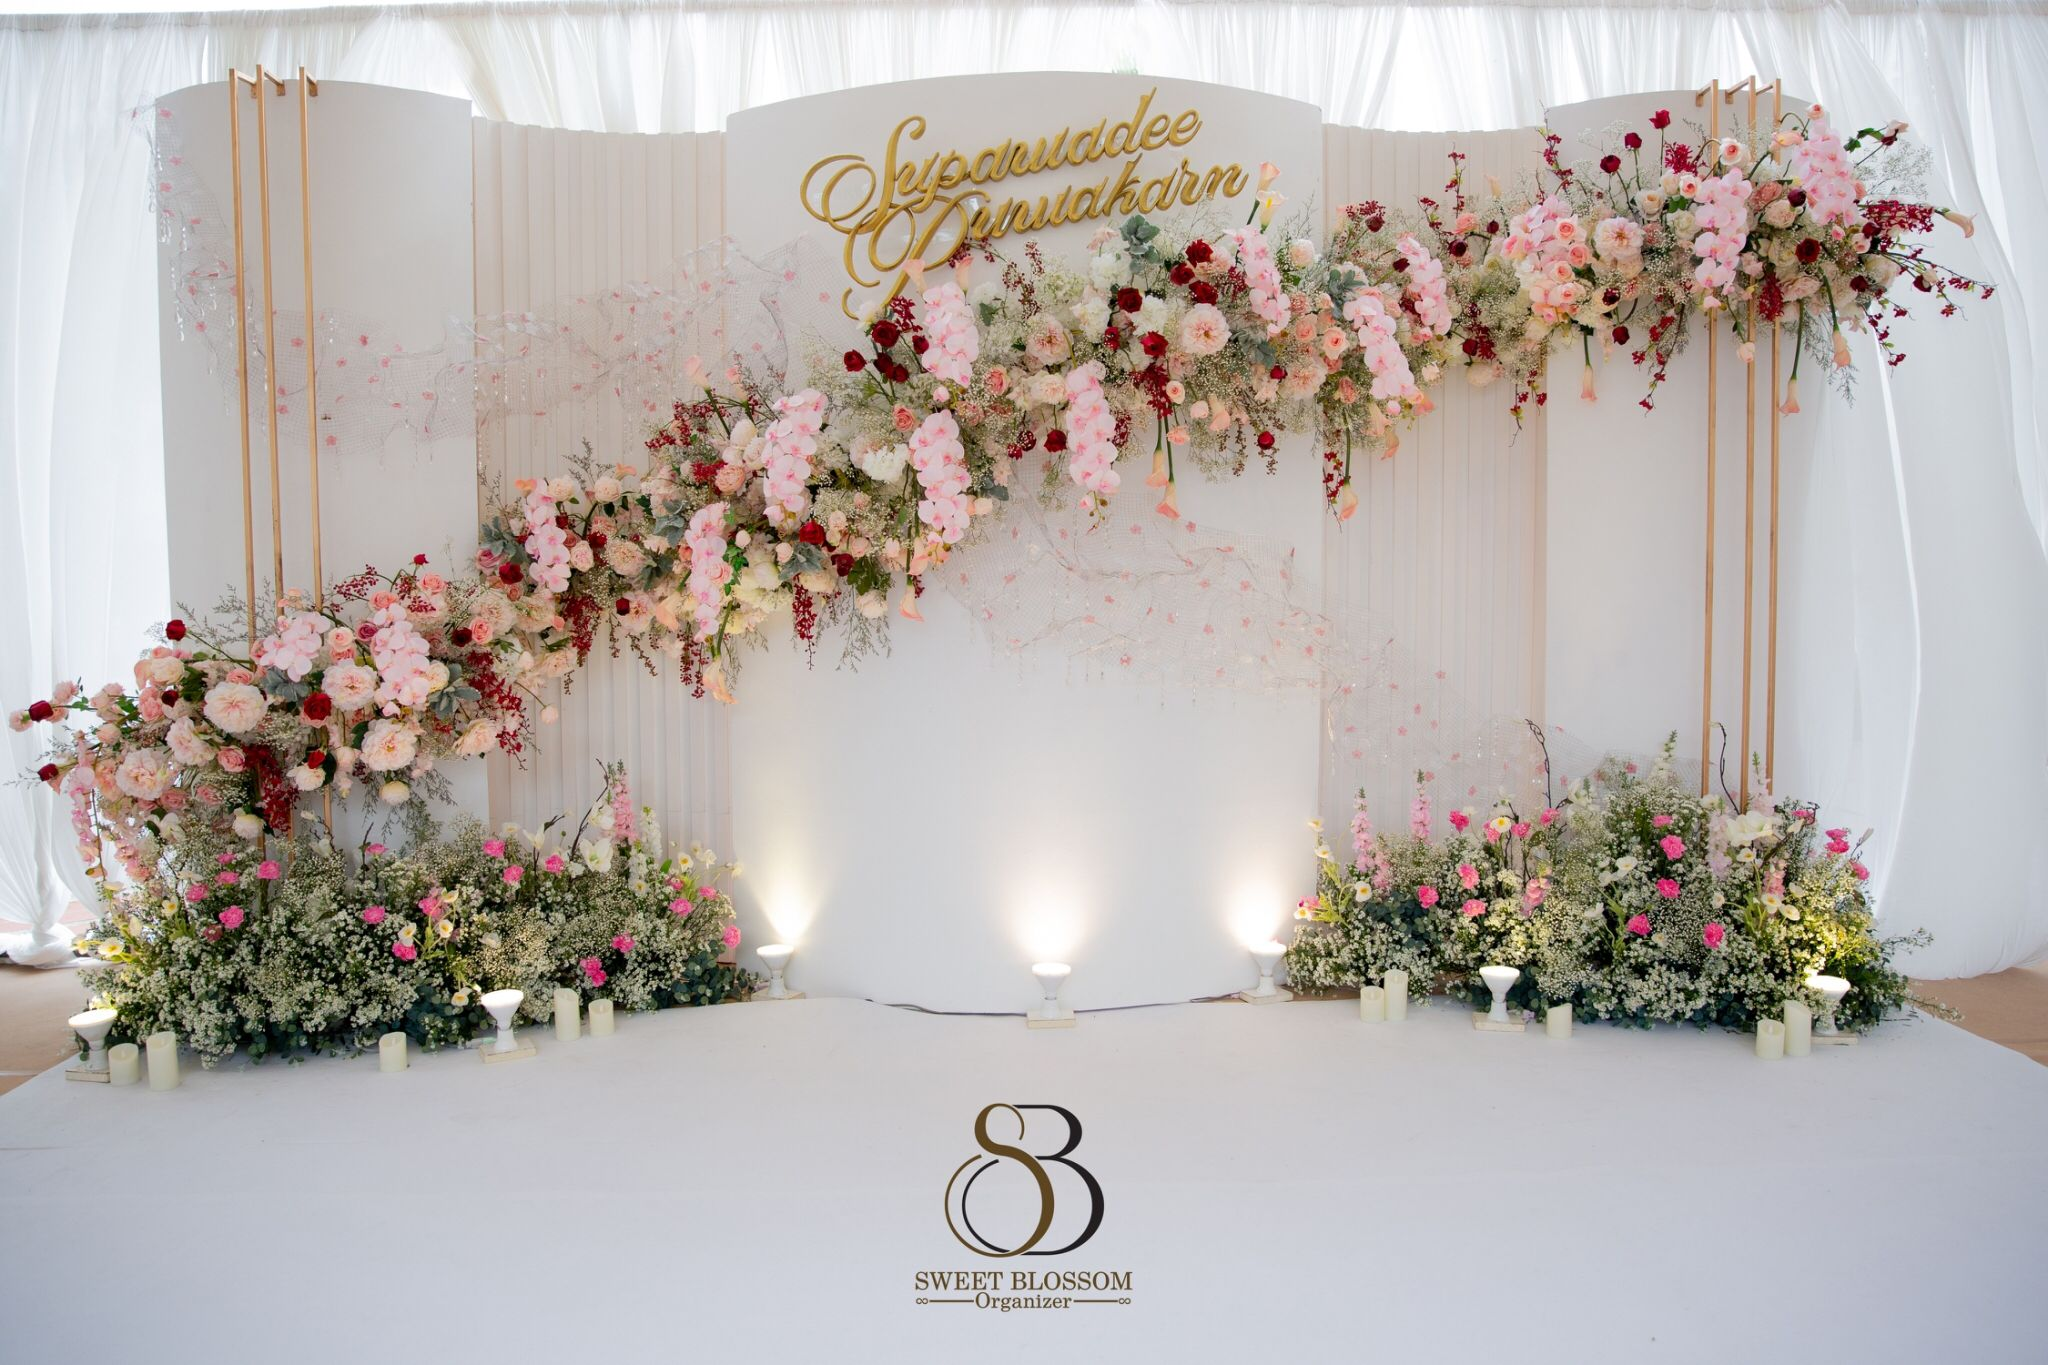 จัดงานแต่งงาน ธีมขาว ดอกไม้โทนสีแดง Wedding Celemony White